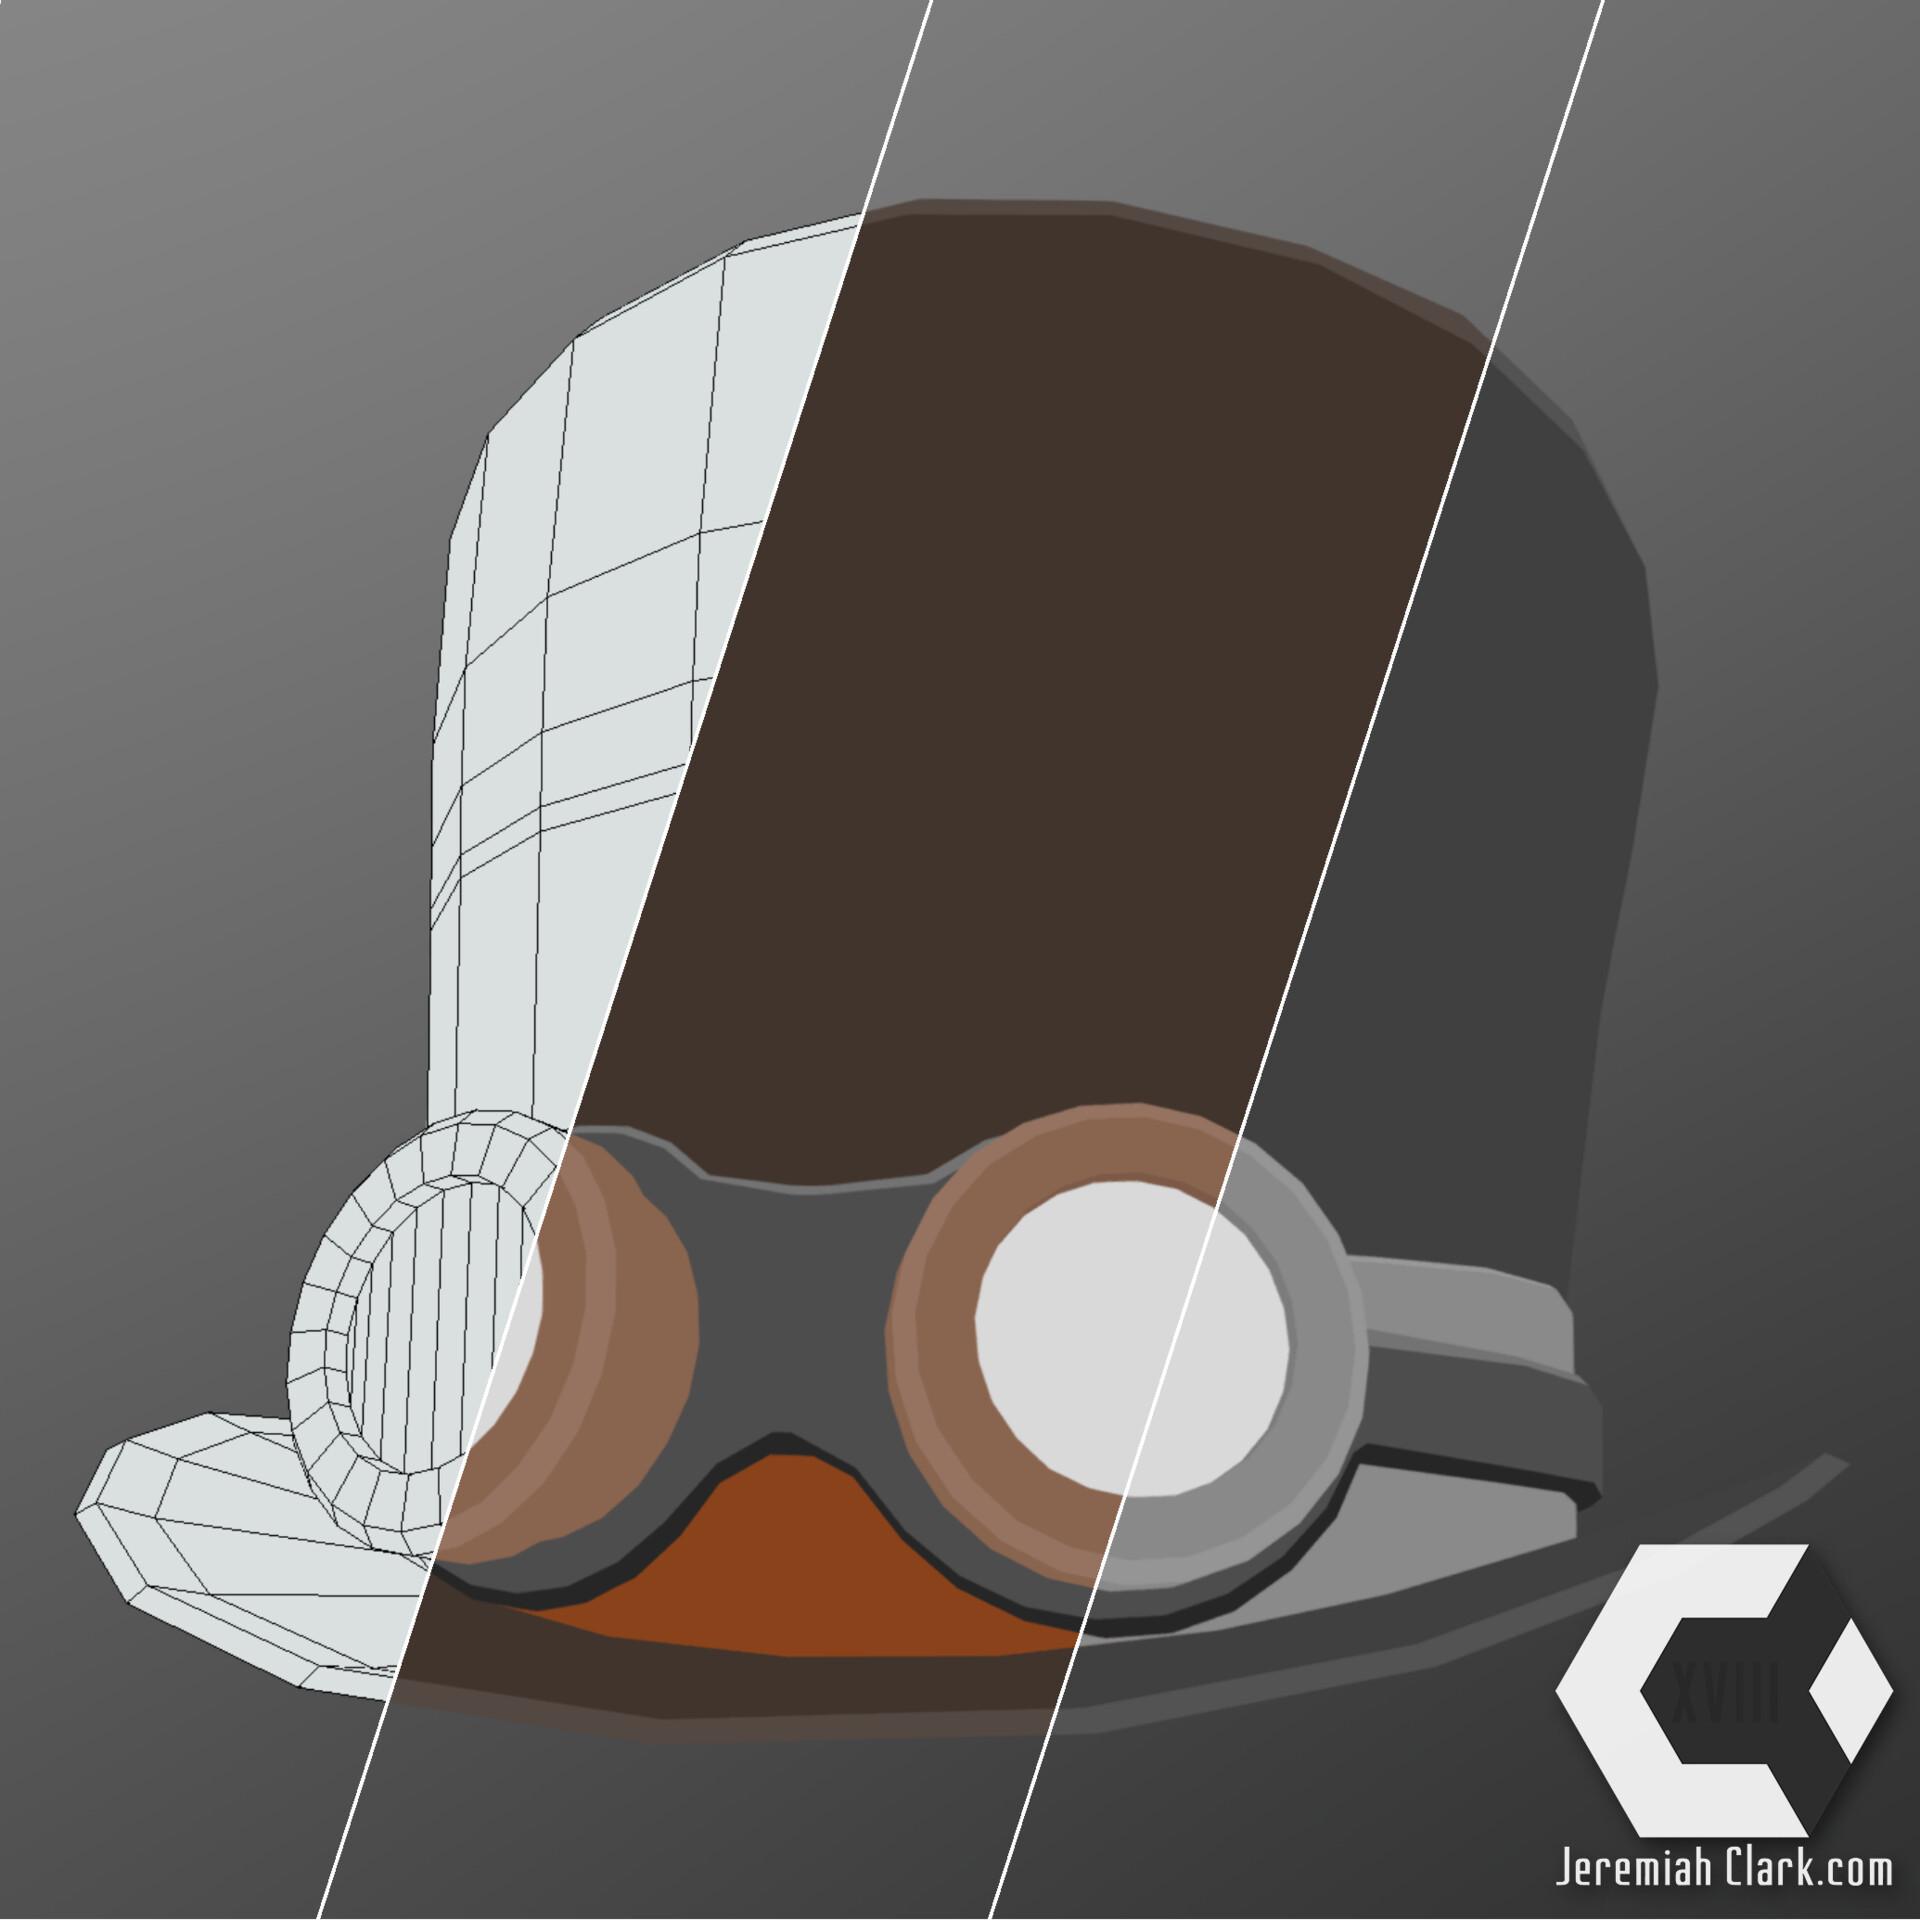 Jeremiah clark 20190430 steampunk hat breakdown